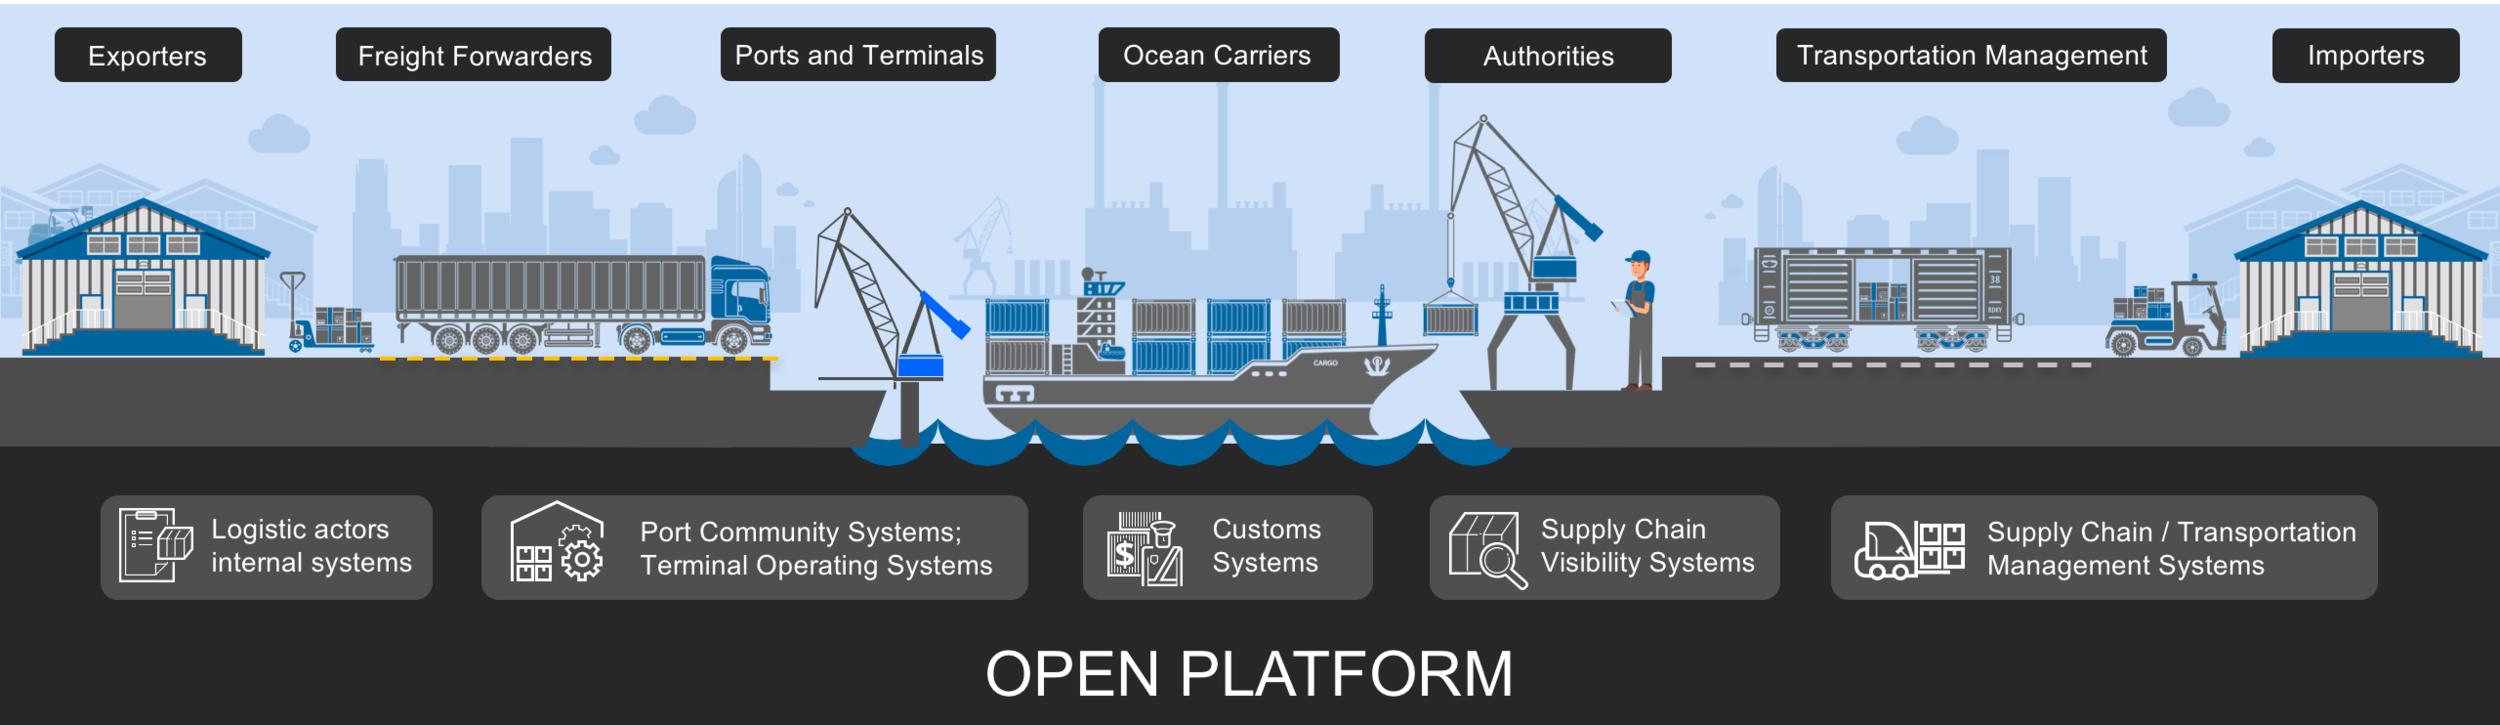 IBM maersk - the platform .png